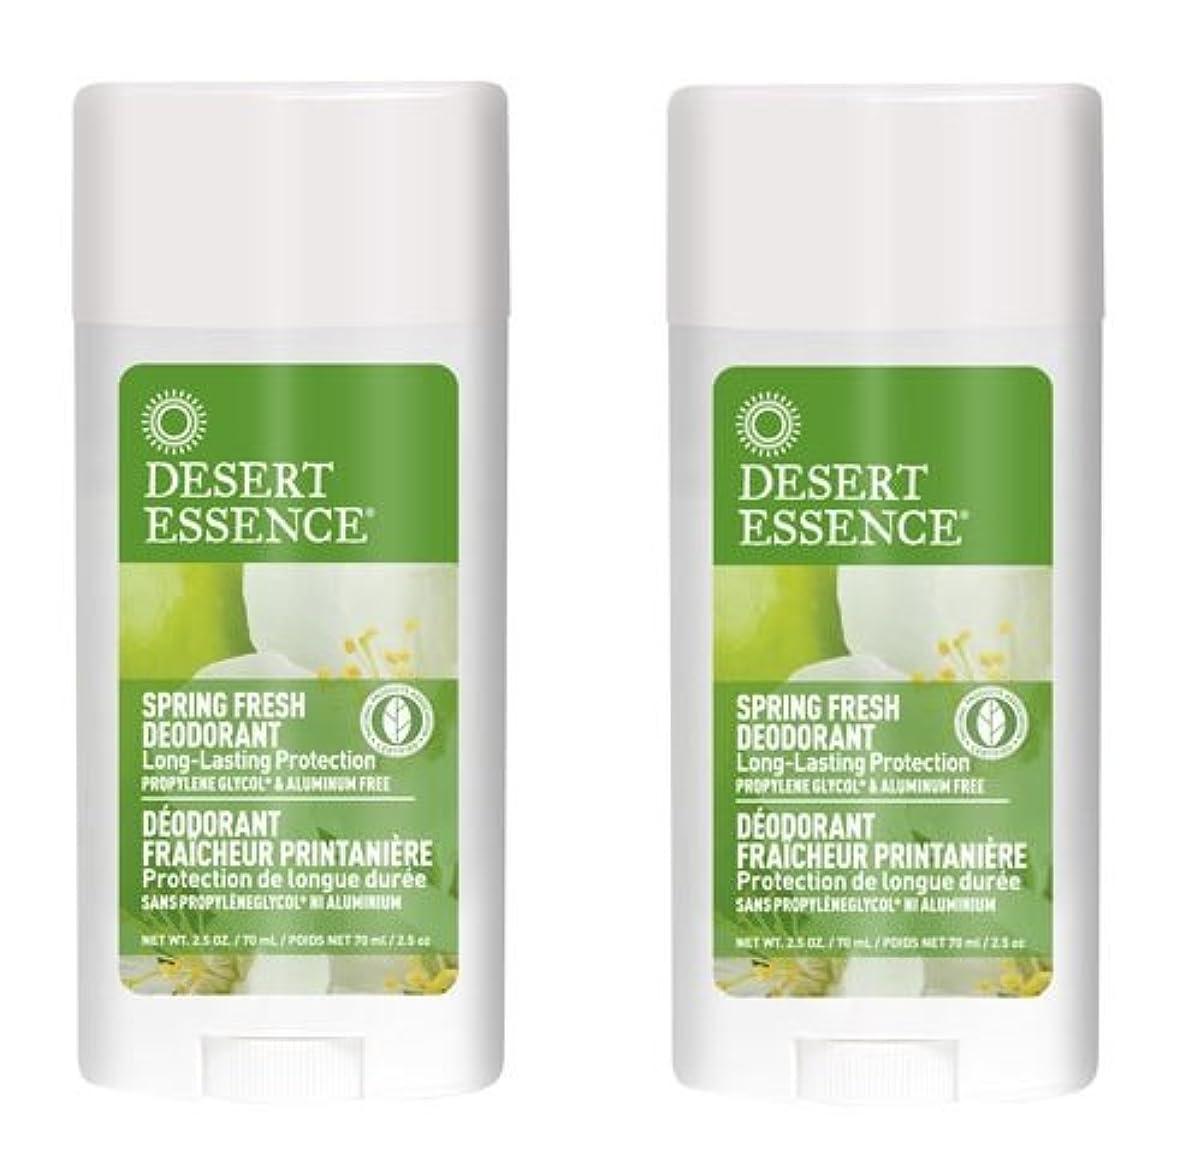 Desert Essence(デザート エッセンス) スプリングフレッシュ デオドラントスティック 70g/2.5oz 2本セット [海外直送品]